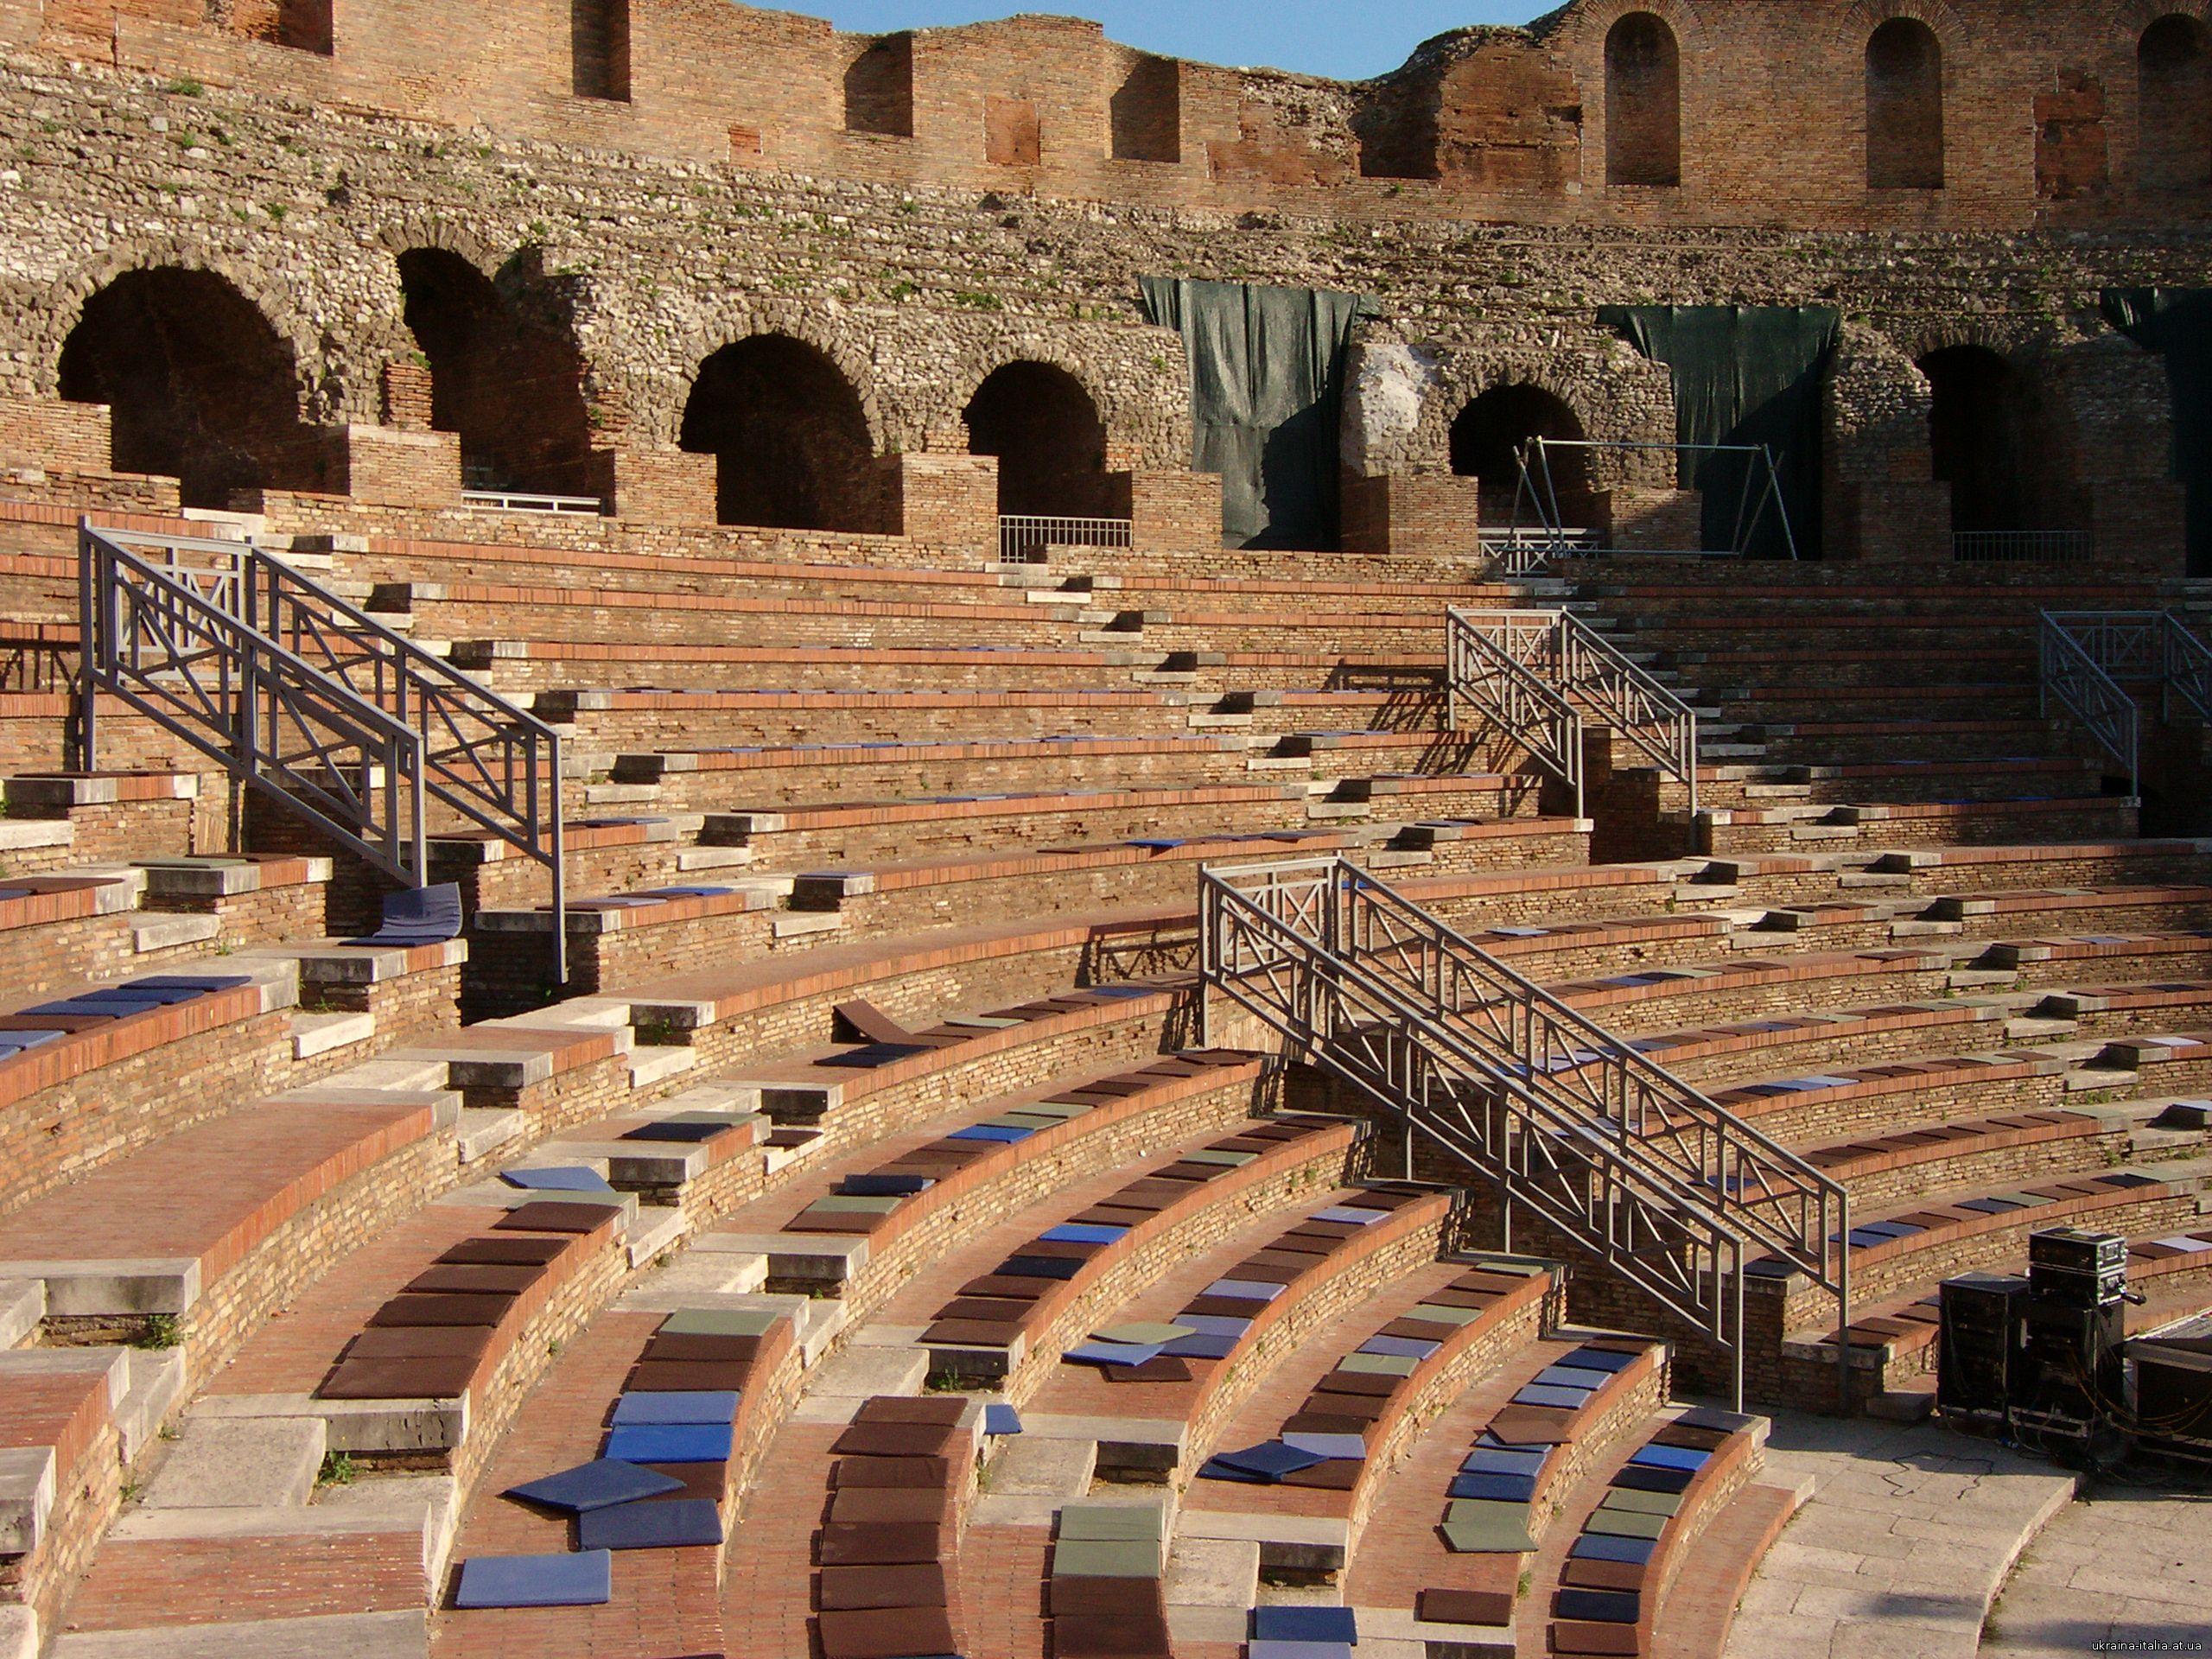 Римский амфитеатр Беневенто(Teatro Romano)